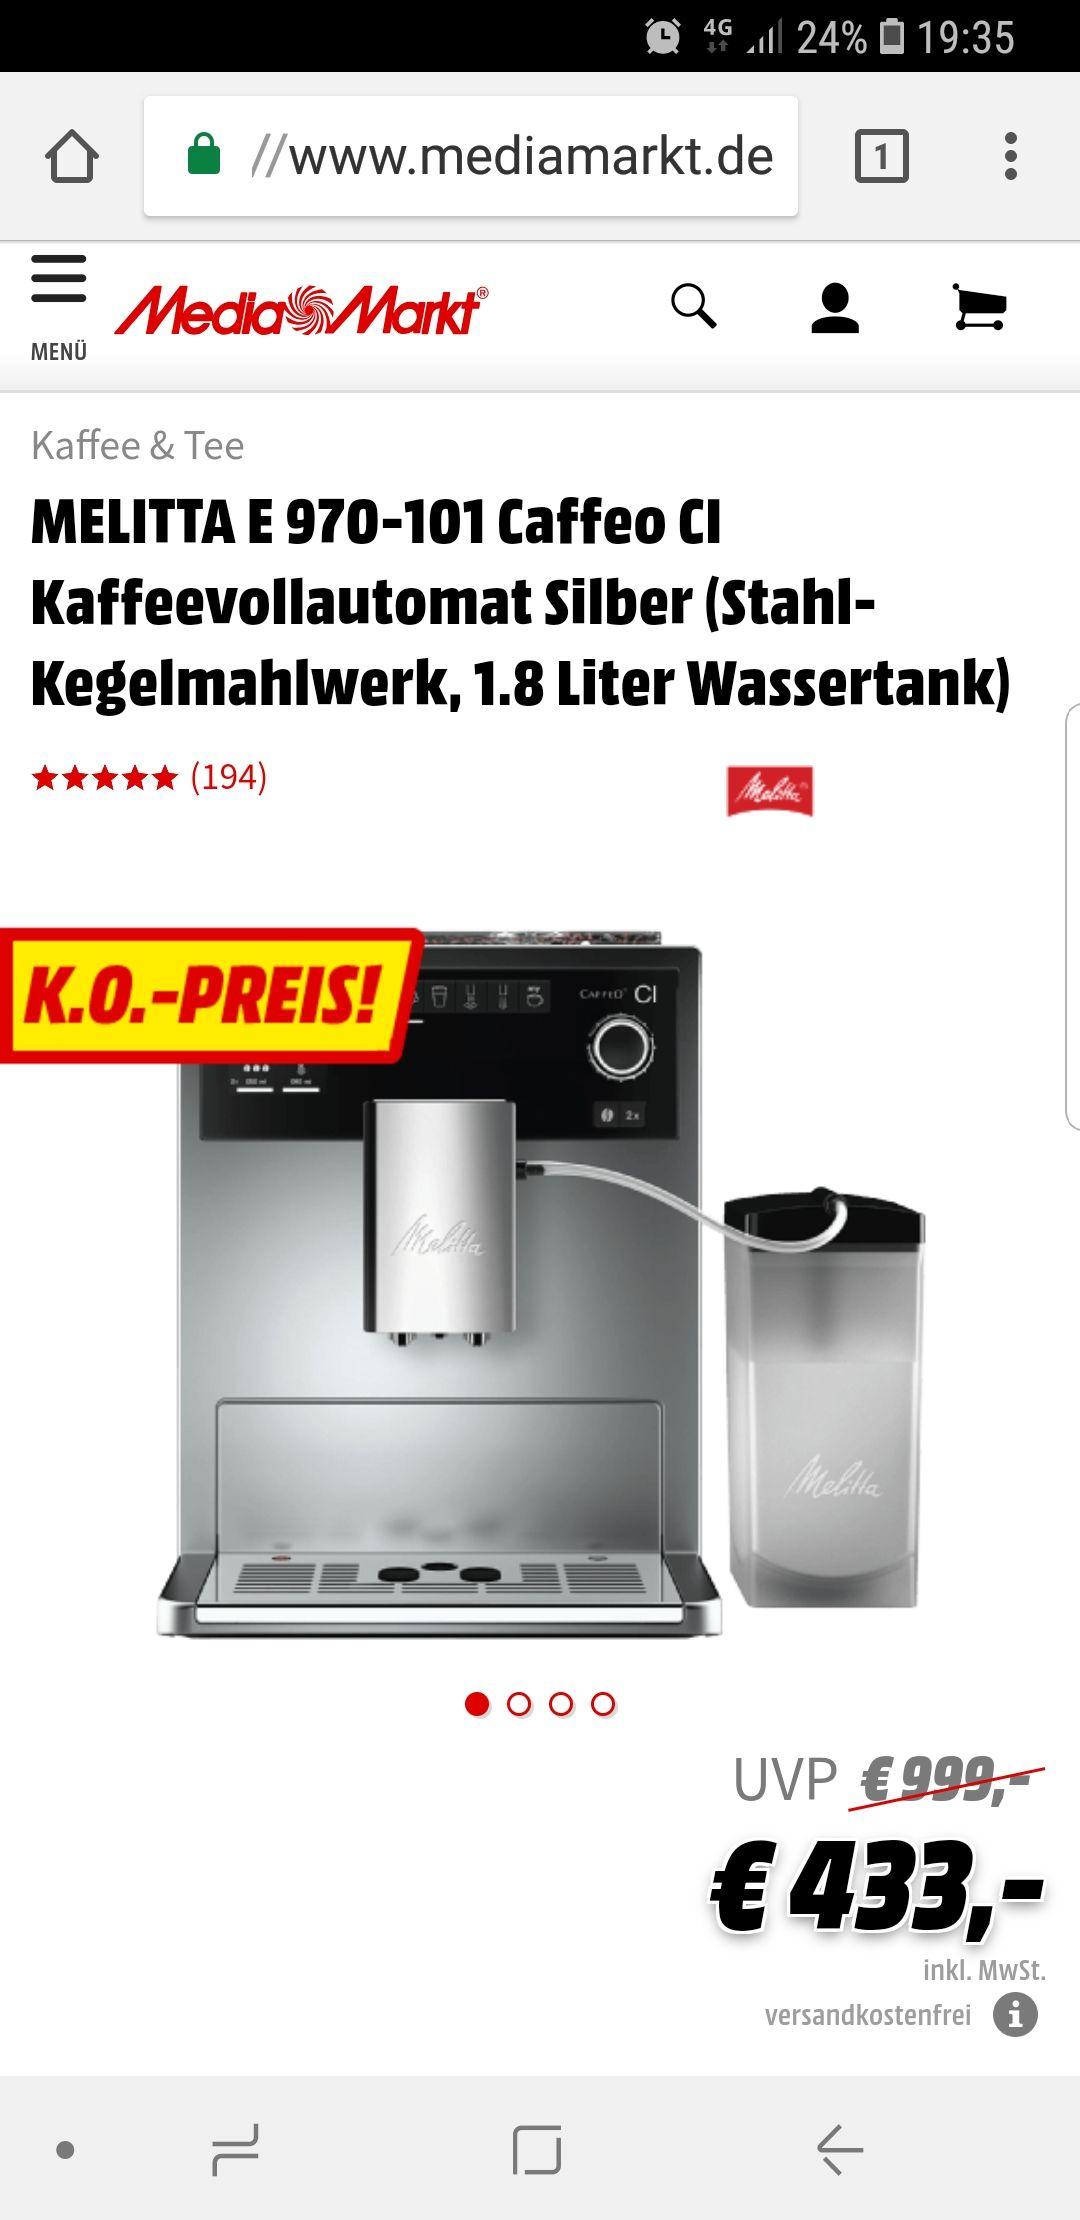 Melitta E970-101 Media Markt Online